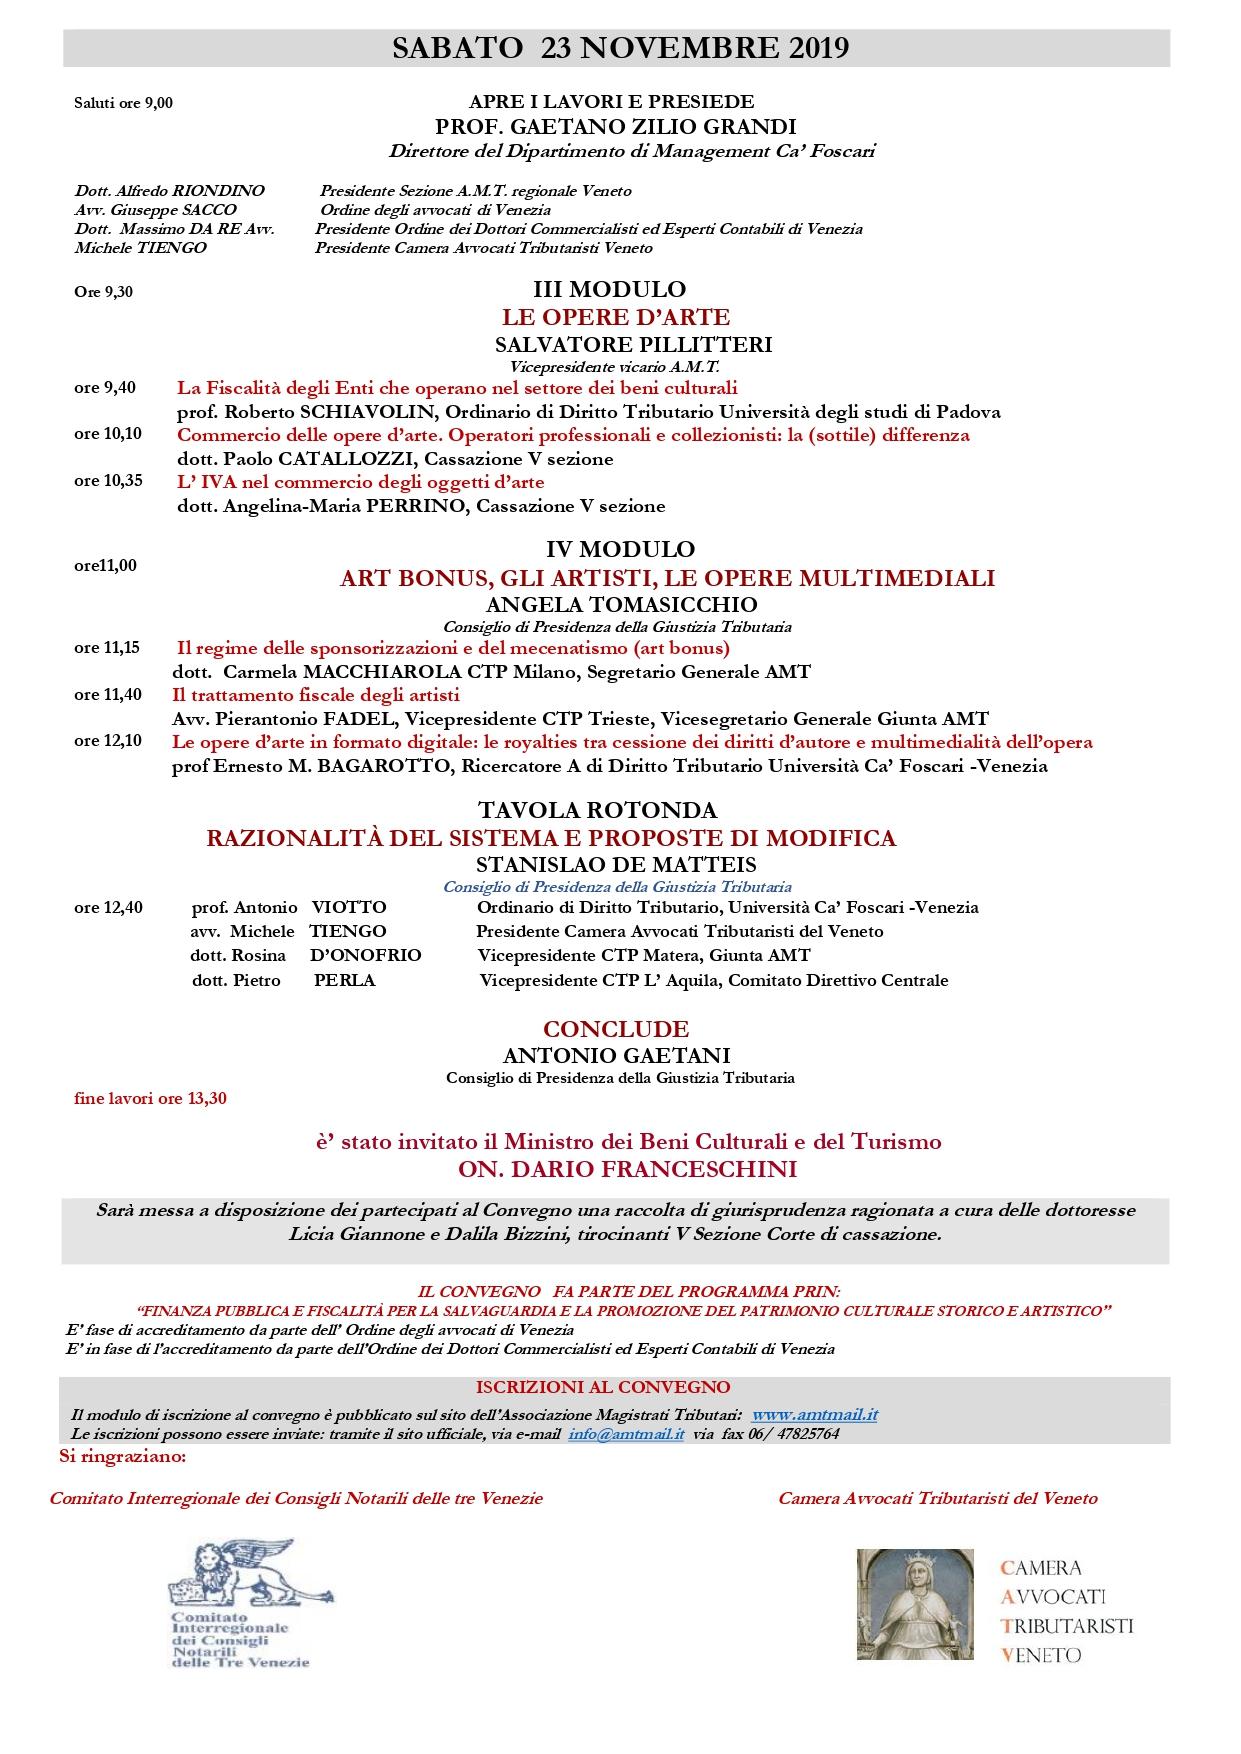 DEFINITIVO CONVEGNO MESTRE 22-23 NOVEMBRE AMT UNIVERSITA'_page-0002